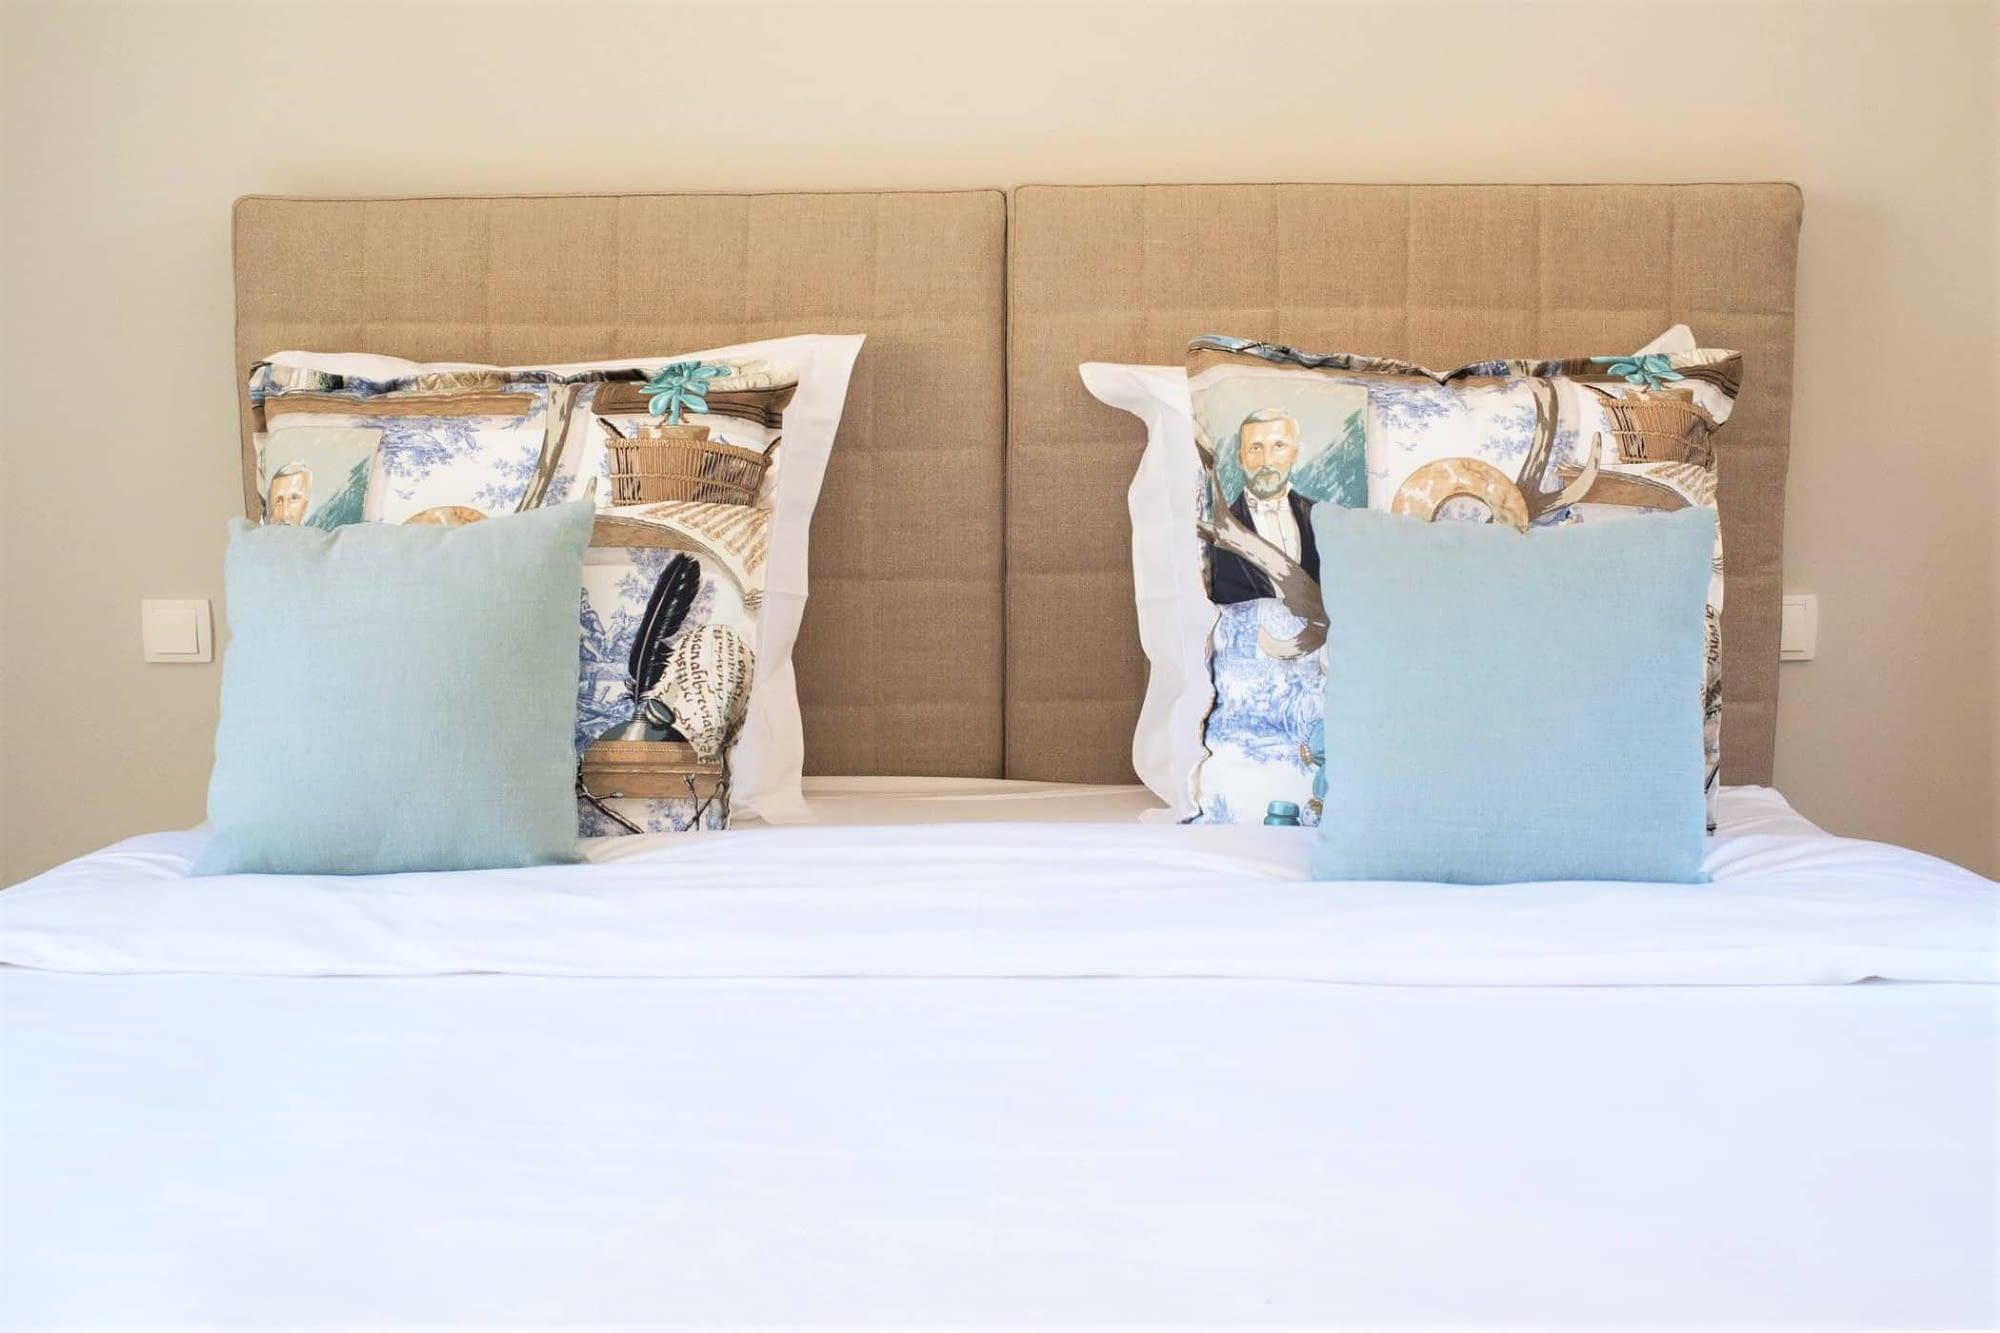 Lit dans maison L'olivier / Bed in the house L'olivier